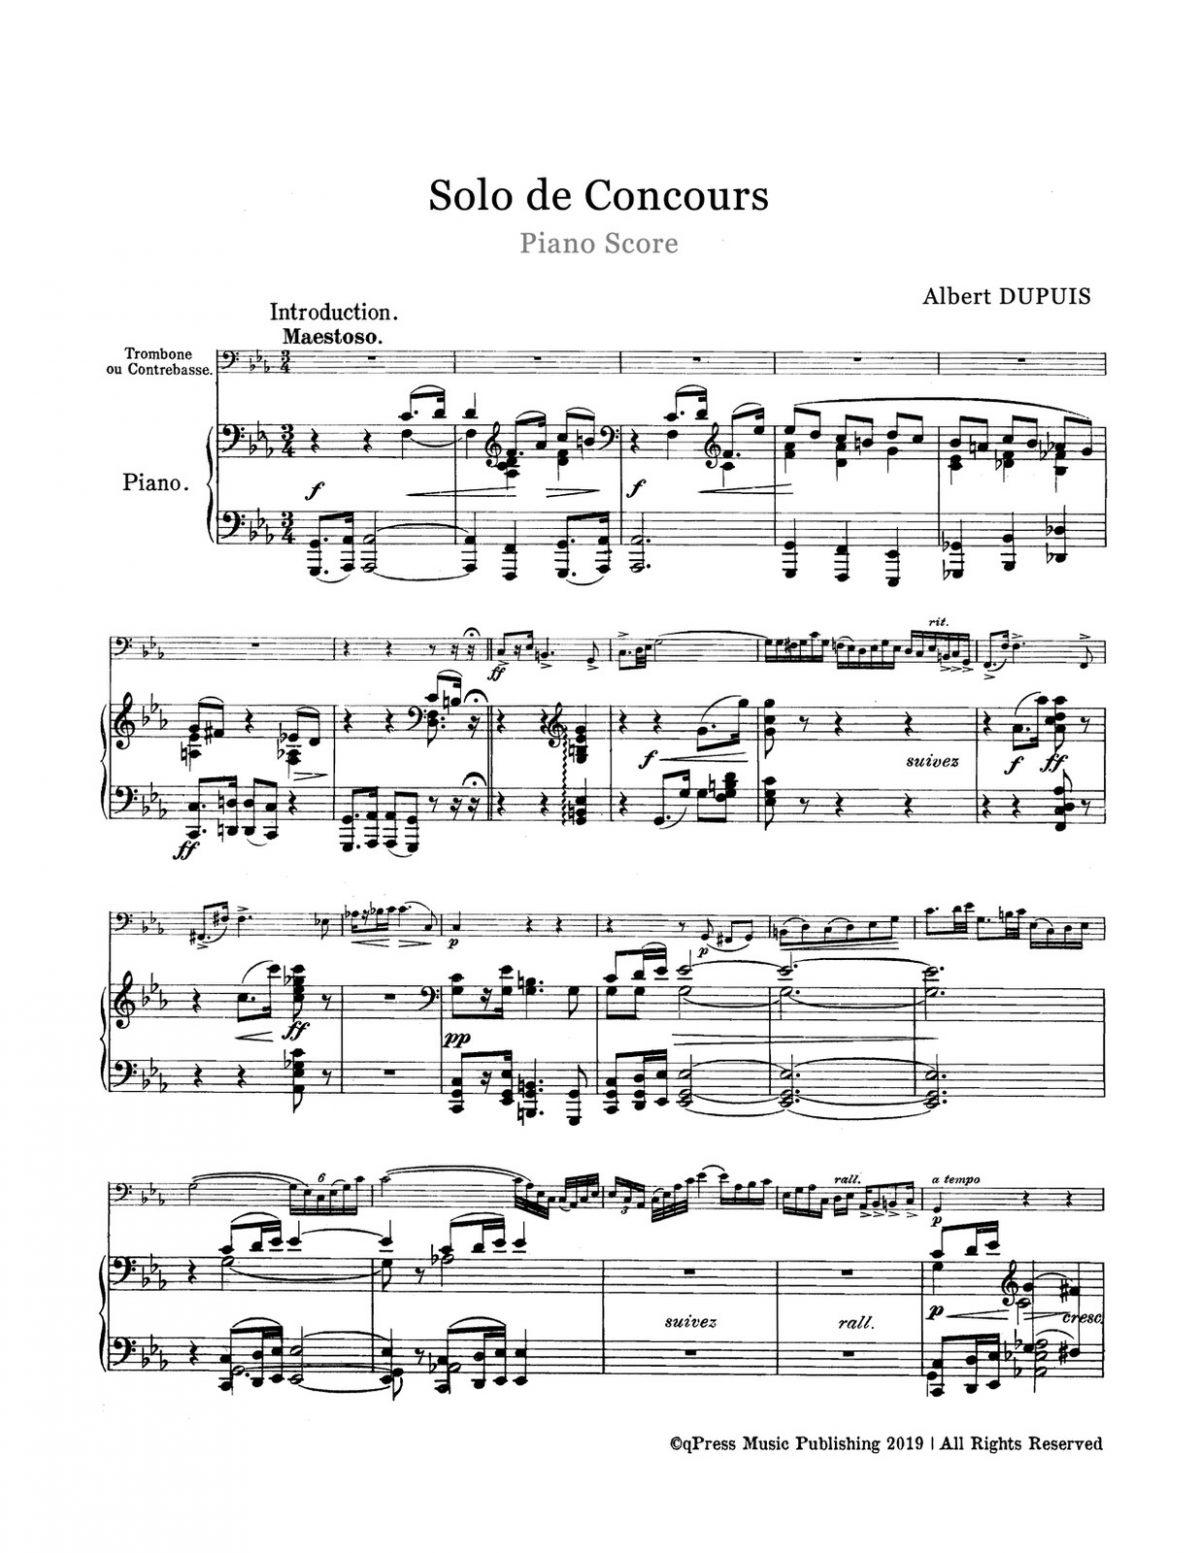 Dupuis, Albert, Solo de Concours-p08